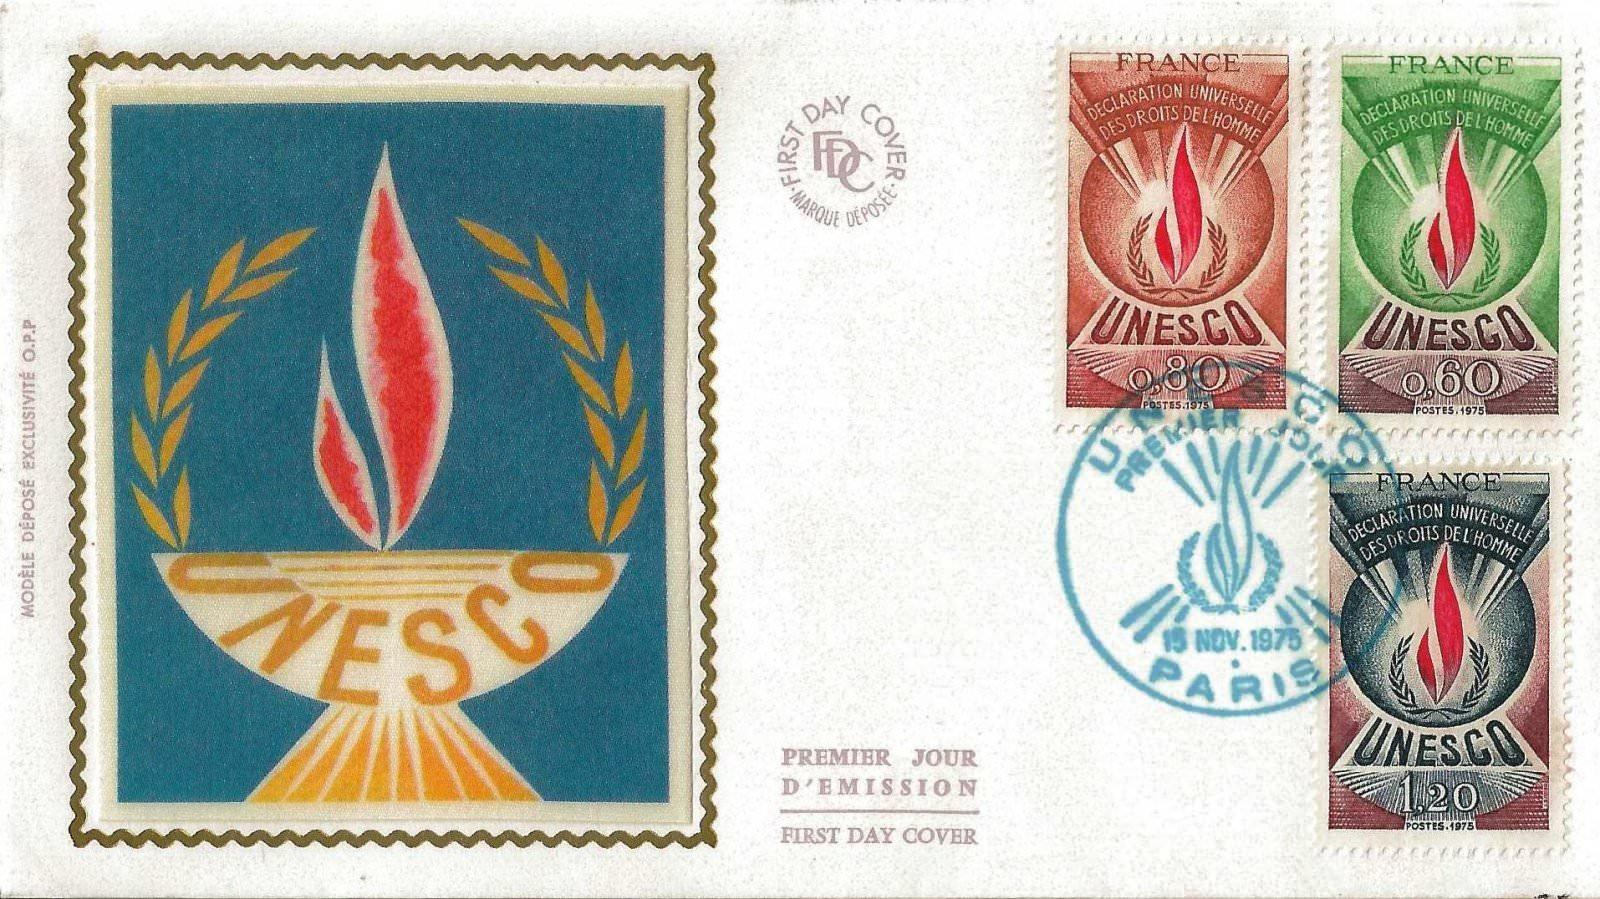 UNESCO 1975